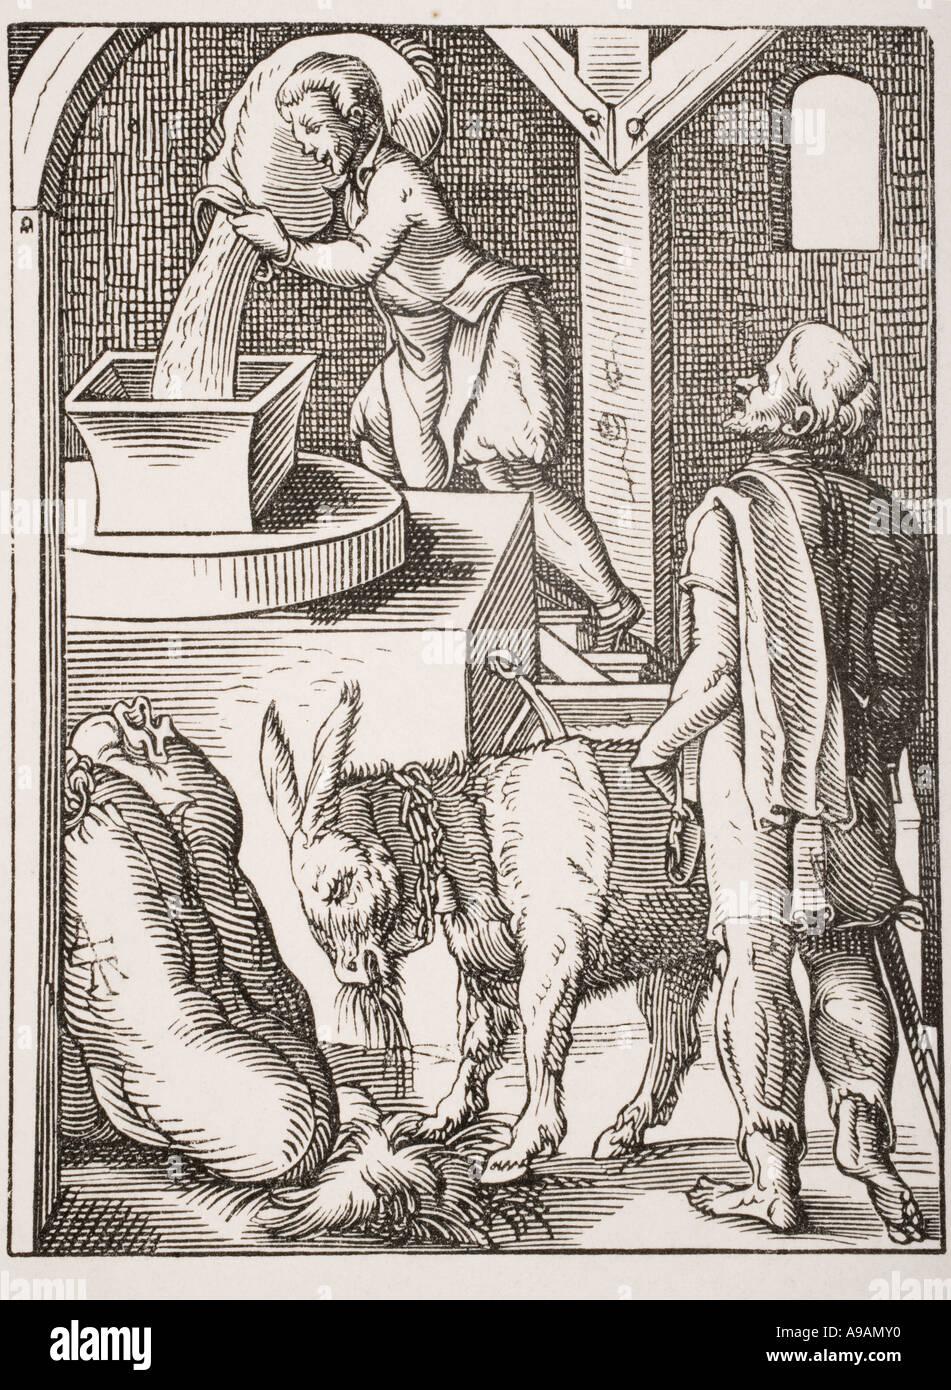 Der Müller. 19. jahrhundert Reproduktion von einem 16. Jahrhundert Kupferstich von Jost Amman Stockfoto